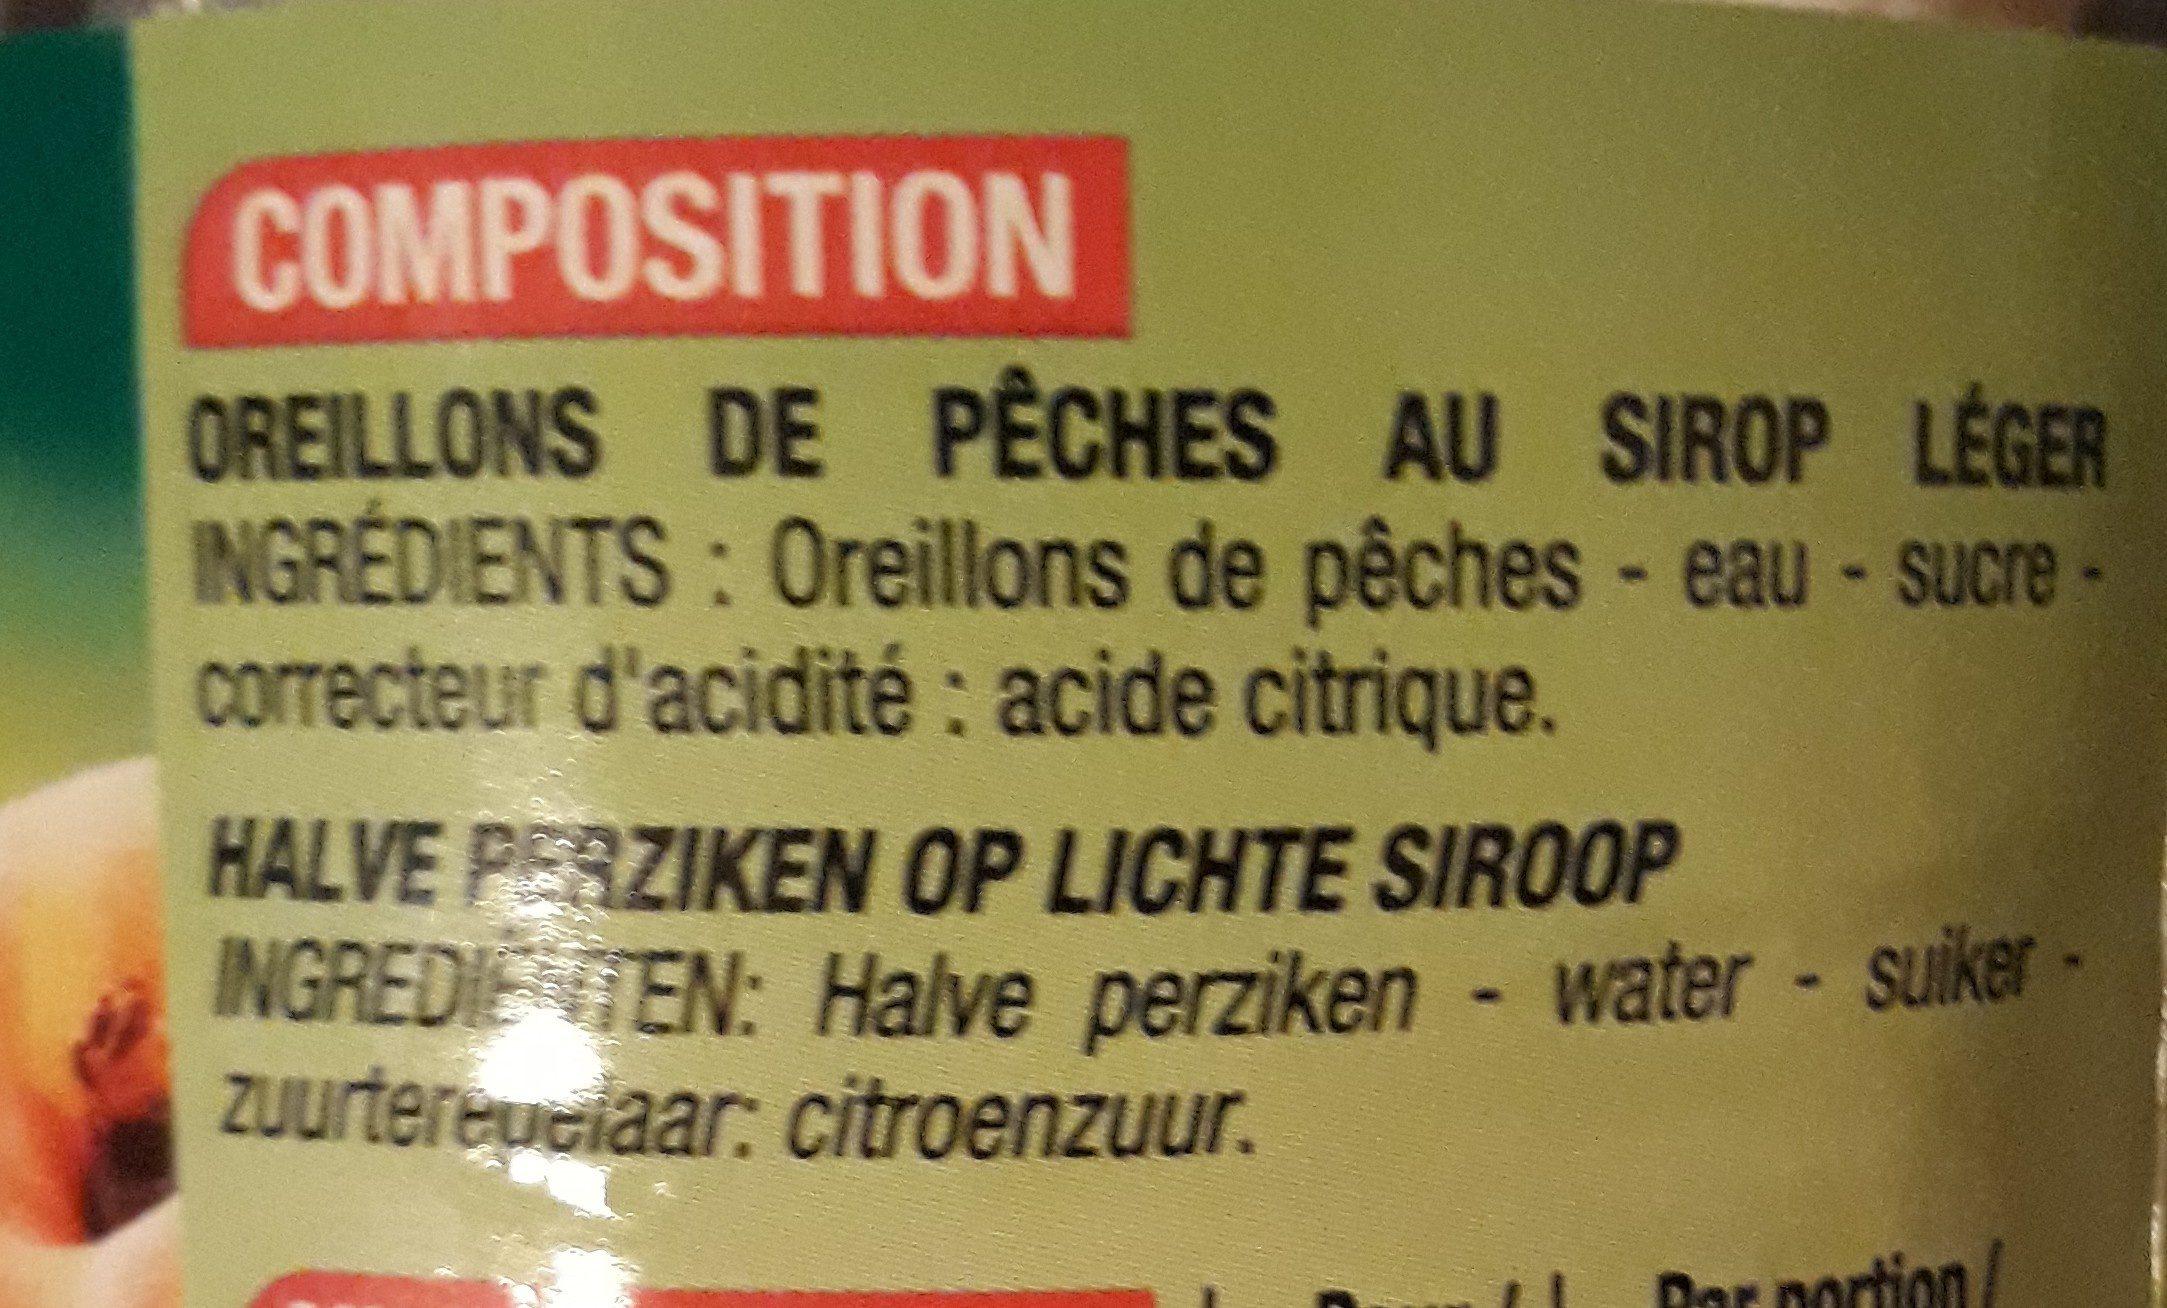 Pêches au sirop léger - Ingrédients - fr